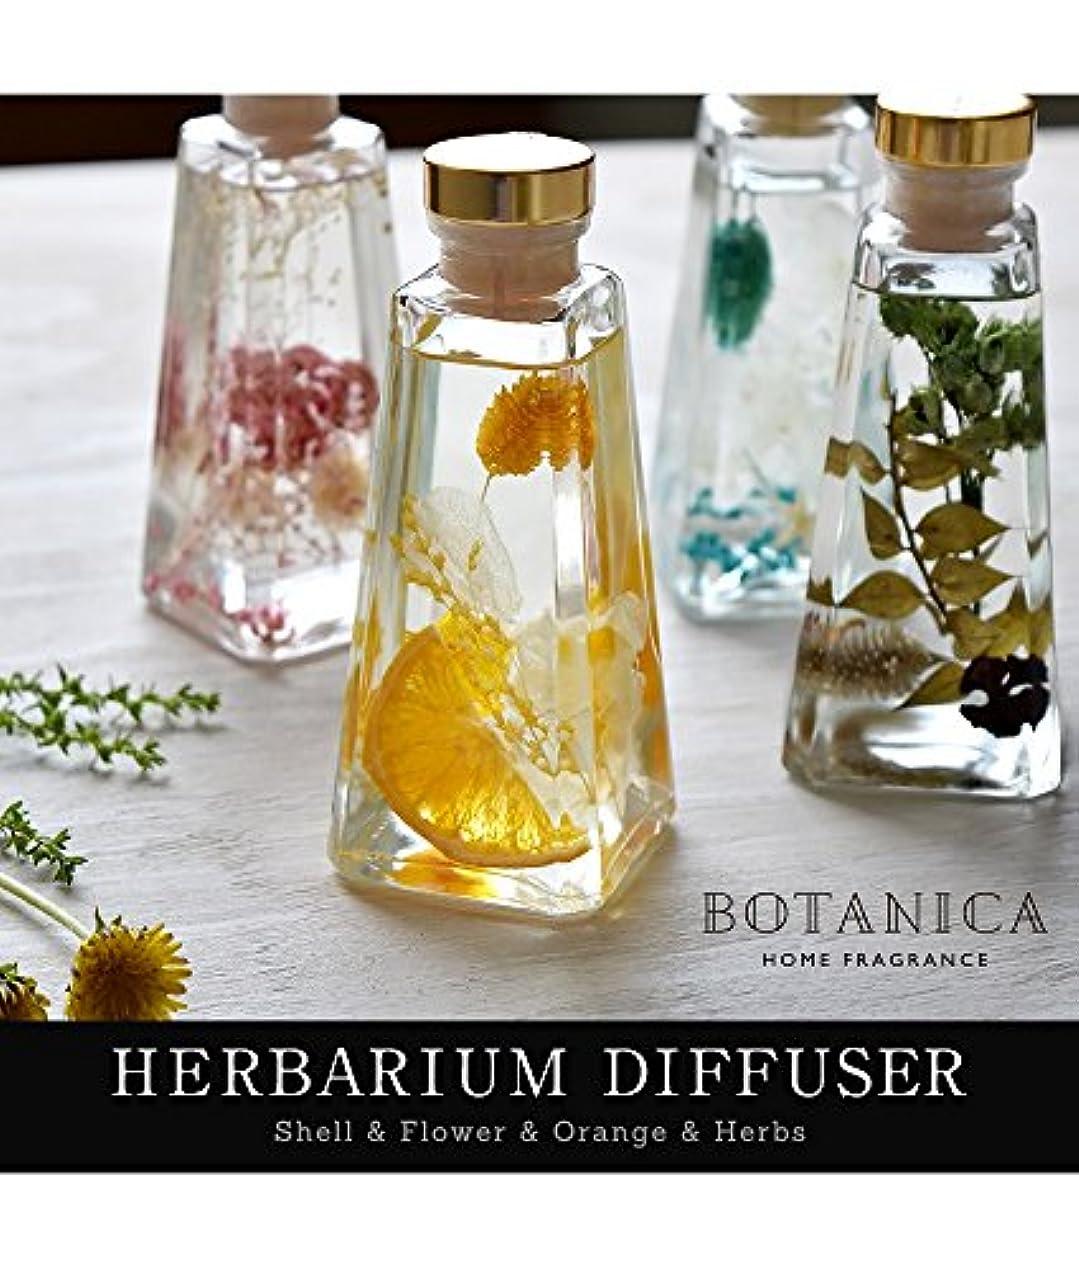 広範囲に許される安全性ボタニカ ハーバリウム ディフューザー 【グリーン/Neat Herbs】 ホームフレグランス